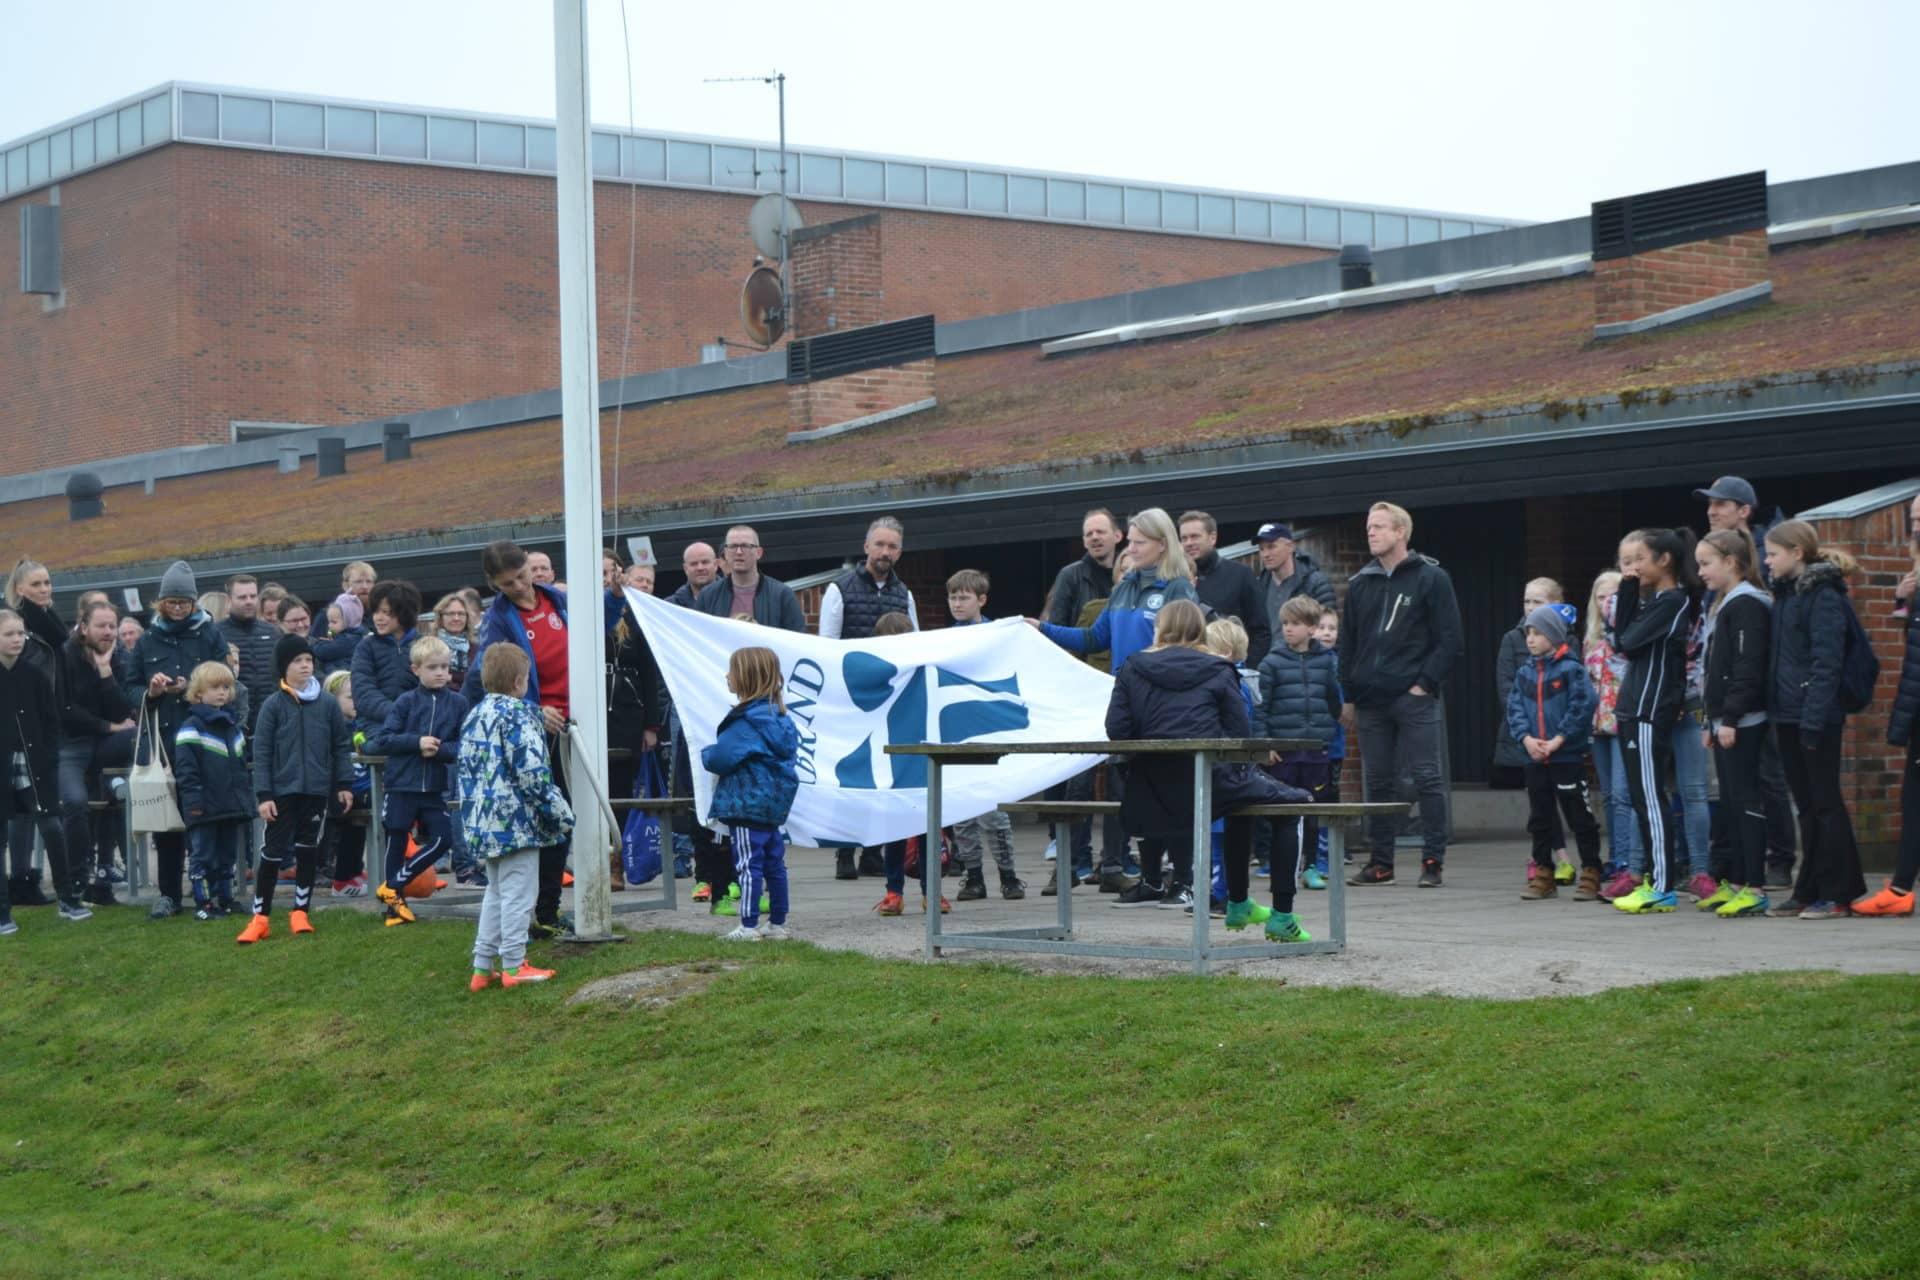 fbe7027da74 Standerhejsning er igen ved at blive en del af traditionerne i Brabrand IF  Fodbold, og søndag gik flaget atter til tops og markerede starten på en ny  sæson.